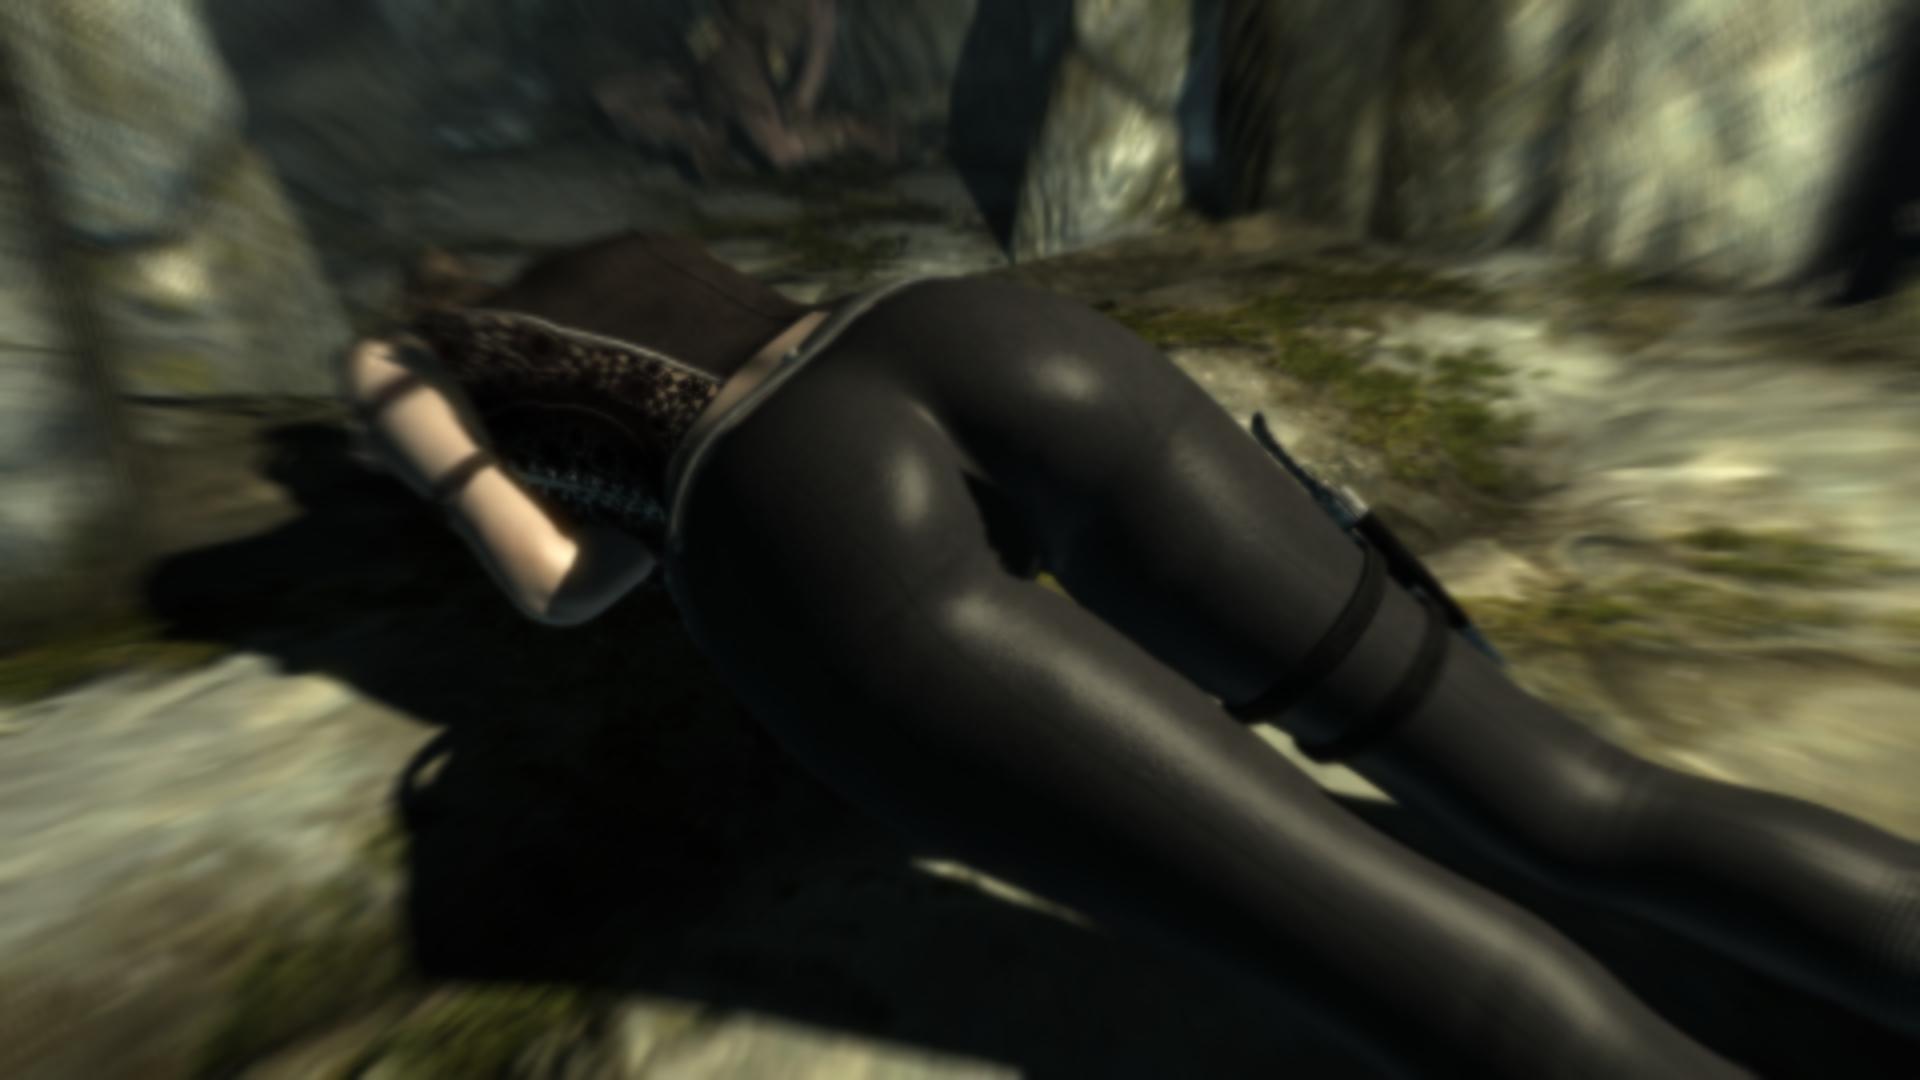 TESV_original 2014-01-01 23-25-00-31.jpg - Elder Scrolls 5: Skyrim, the